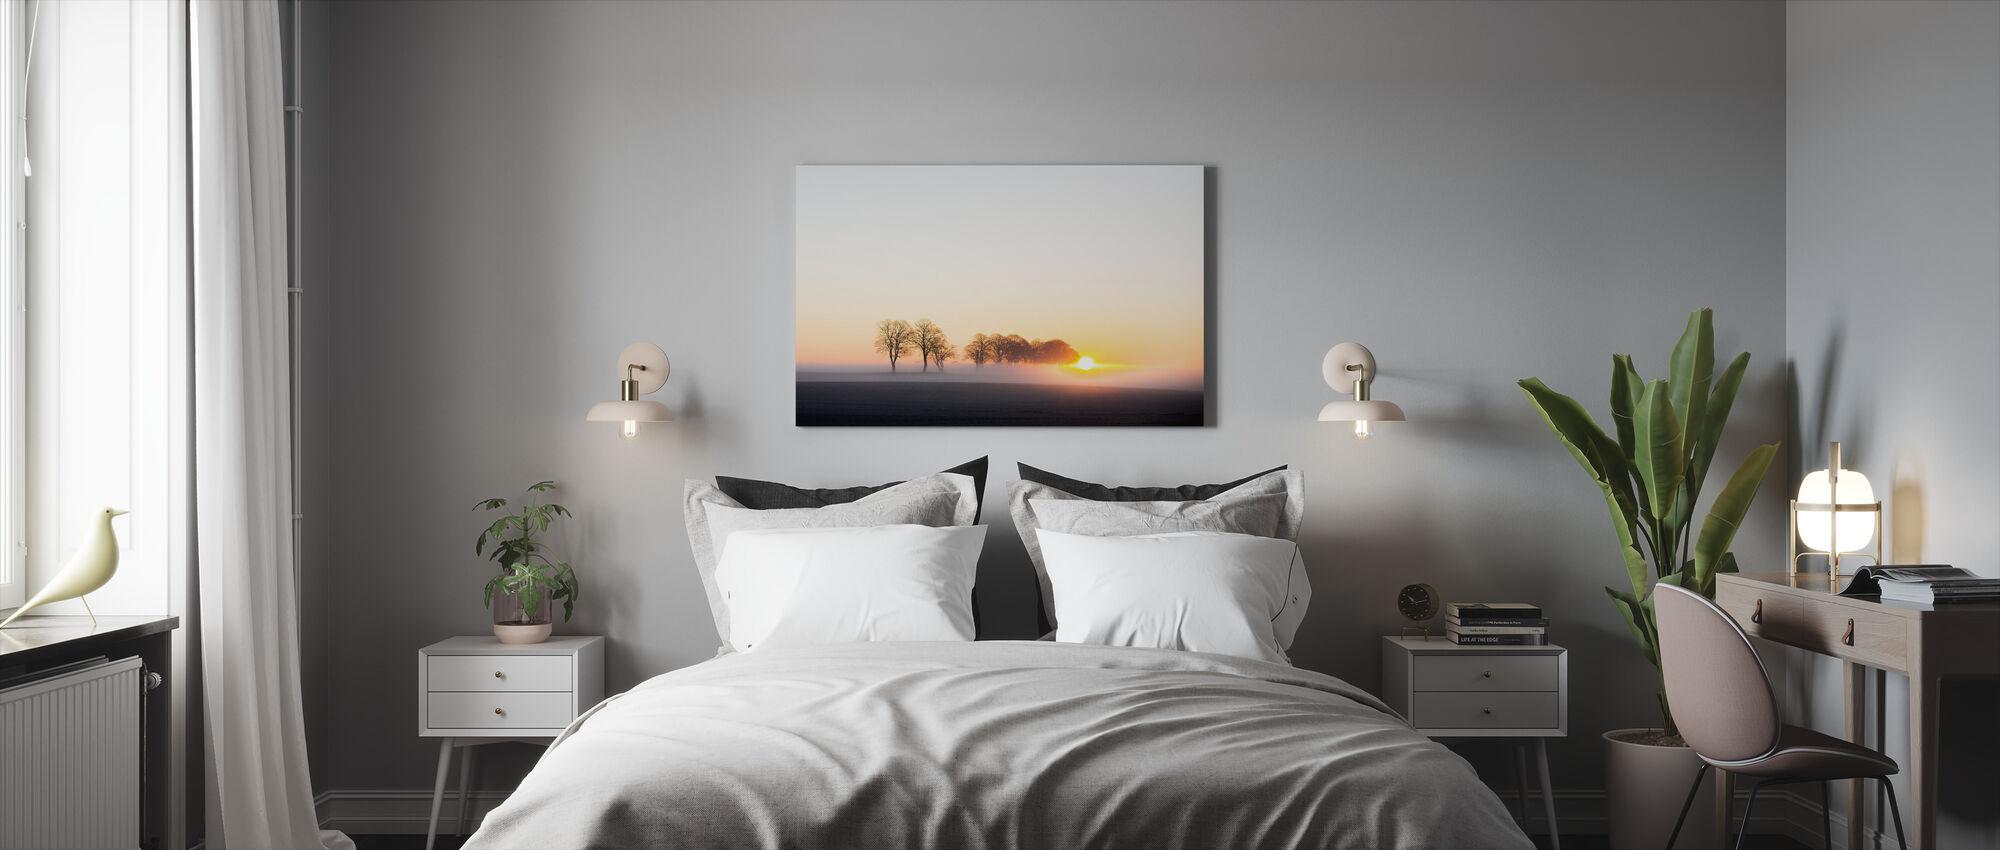 Wakker worden in Zweden - Canvas print - Slaapkamer